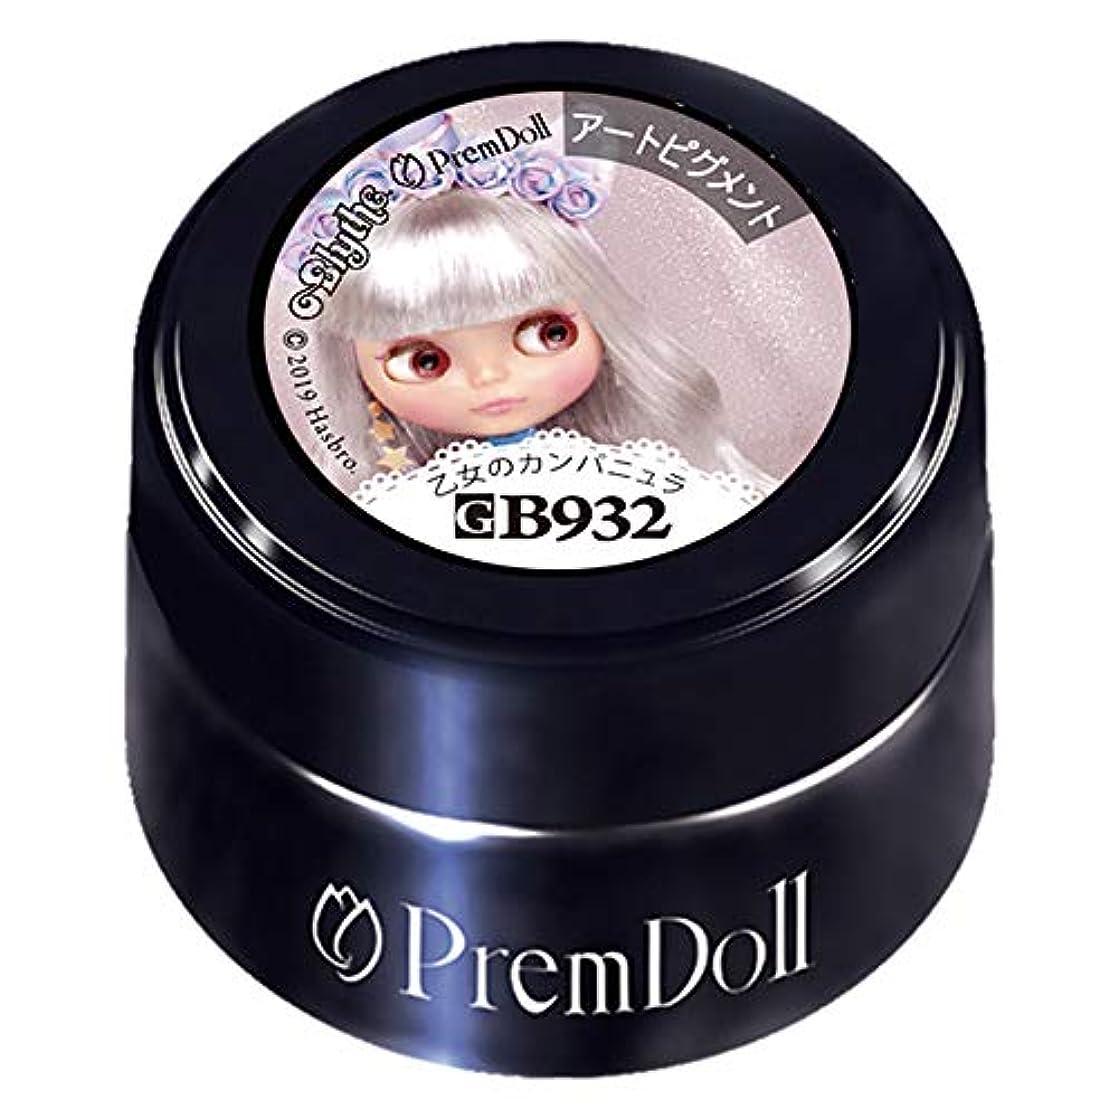 フェローシップ霧深いのスコアPRE GEL(プリジェル) PRE GEL プリムドール 乙女のカンパニュラ 3g DOLL-B932 カラージェル UV/LED対応 ジェルネイル